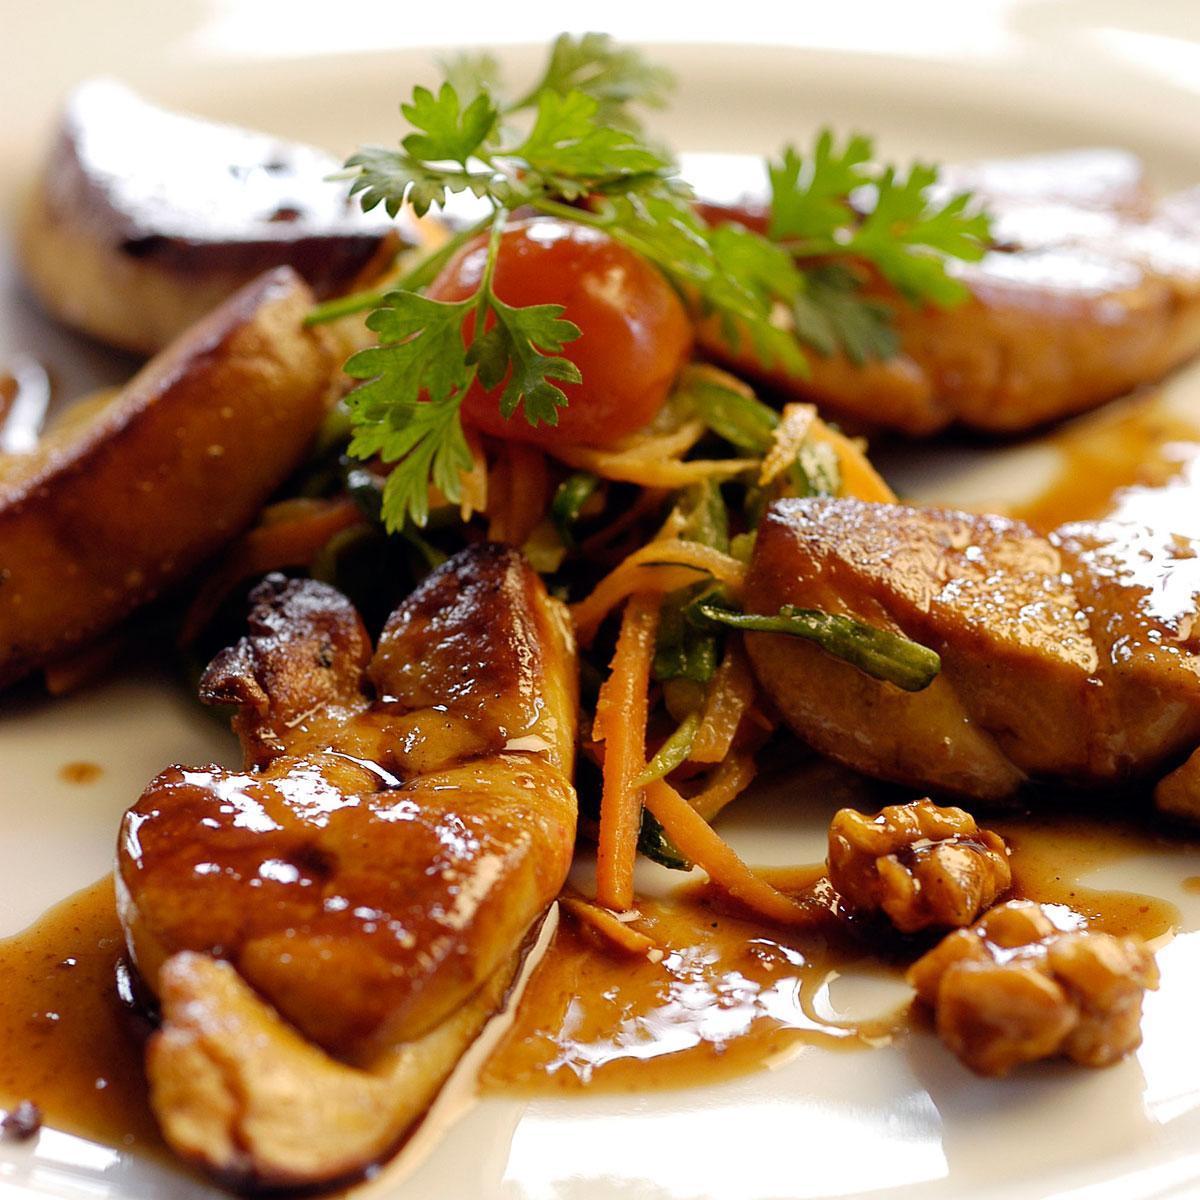 Recette escalopes de foie gras po l aux noix cuisine - Recette de foie gras ...